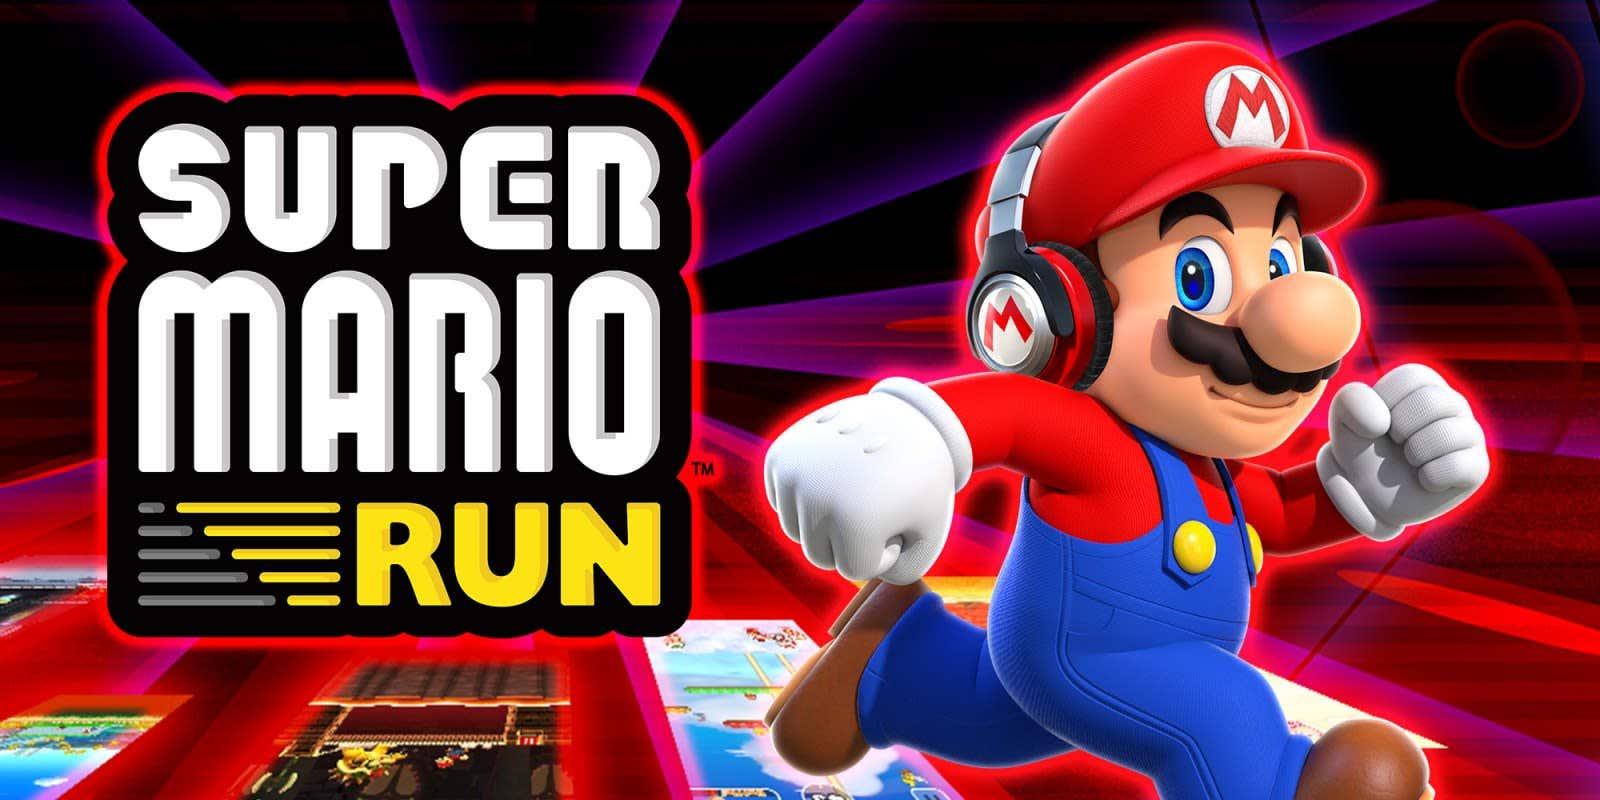 Super Mario Run game image